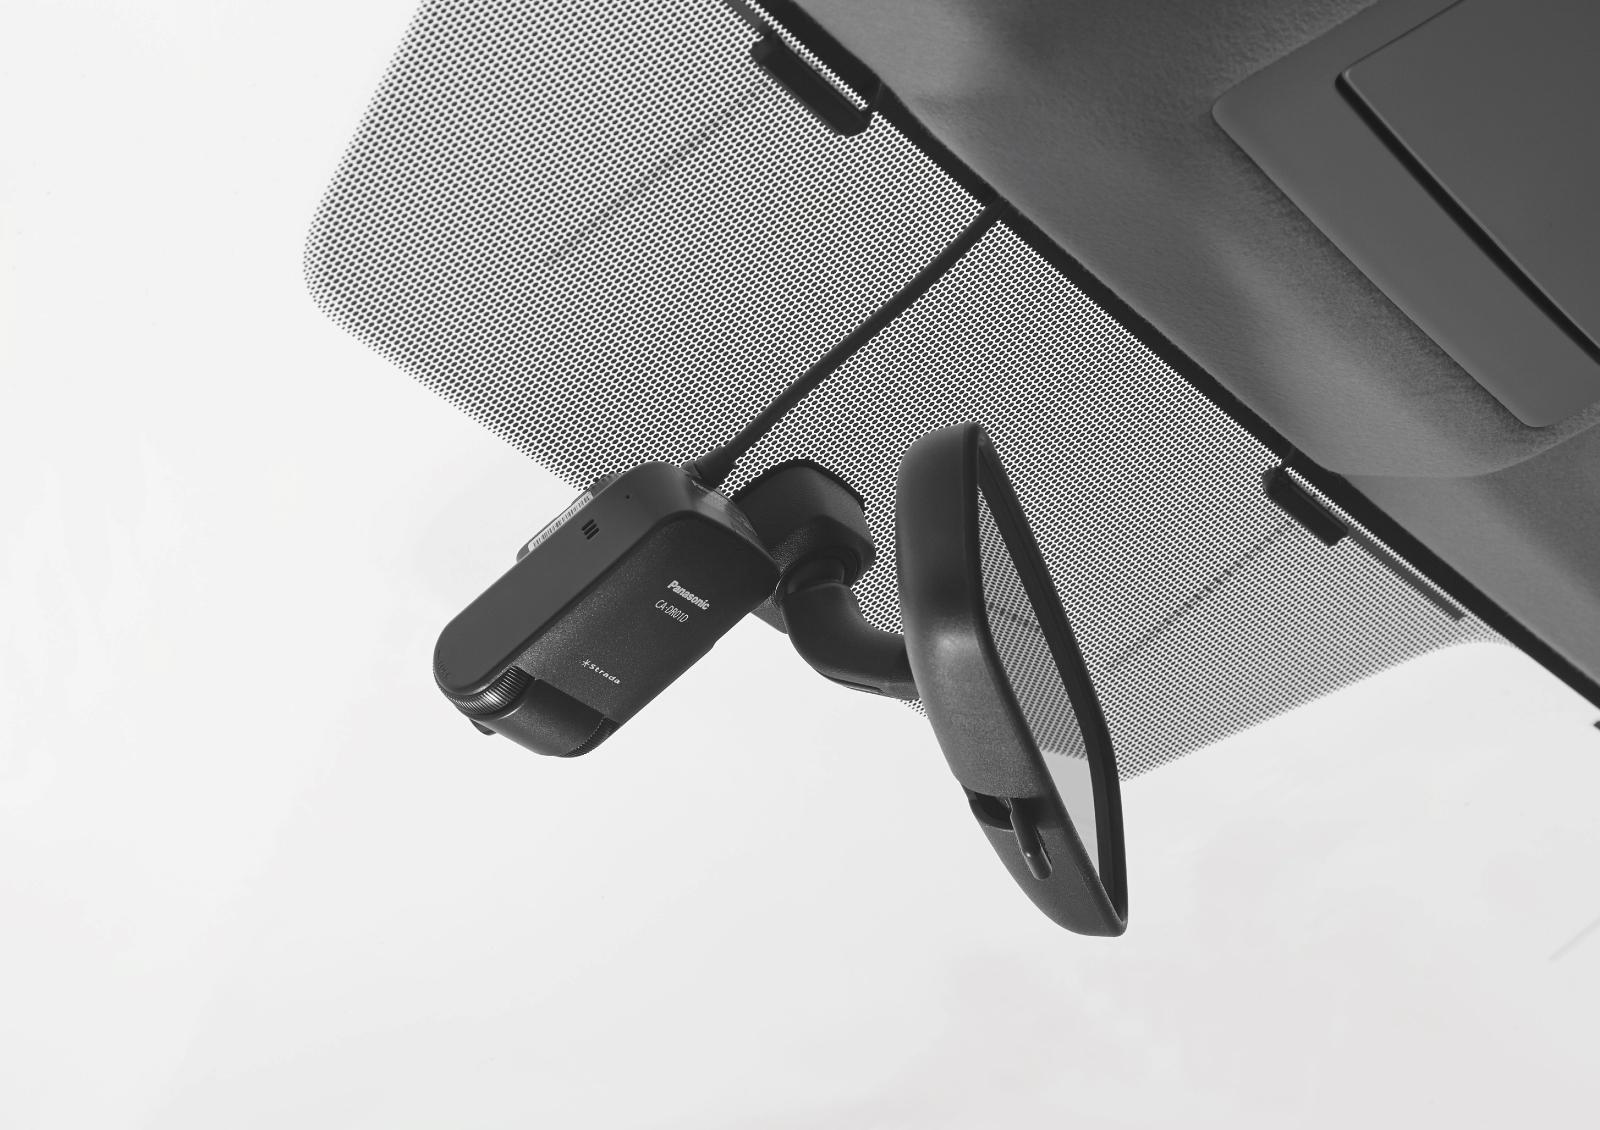 「美優Navi」専用ドライブレコーダー「CA-DR01D」車載イメージ